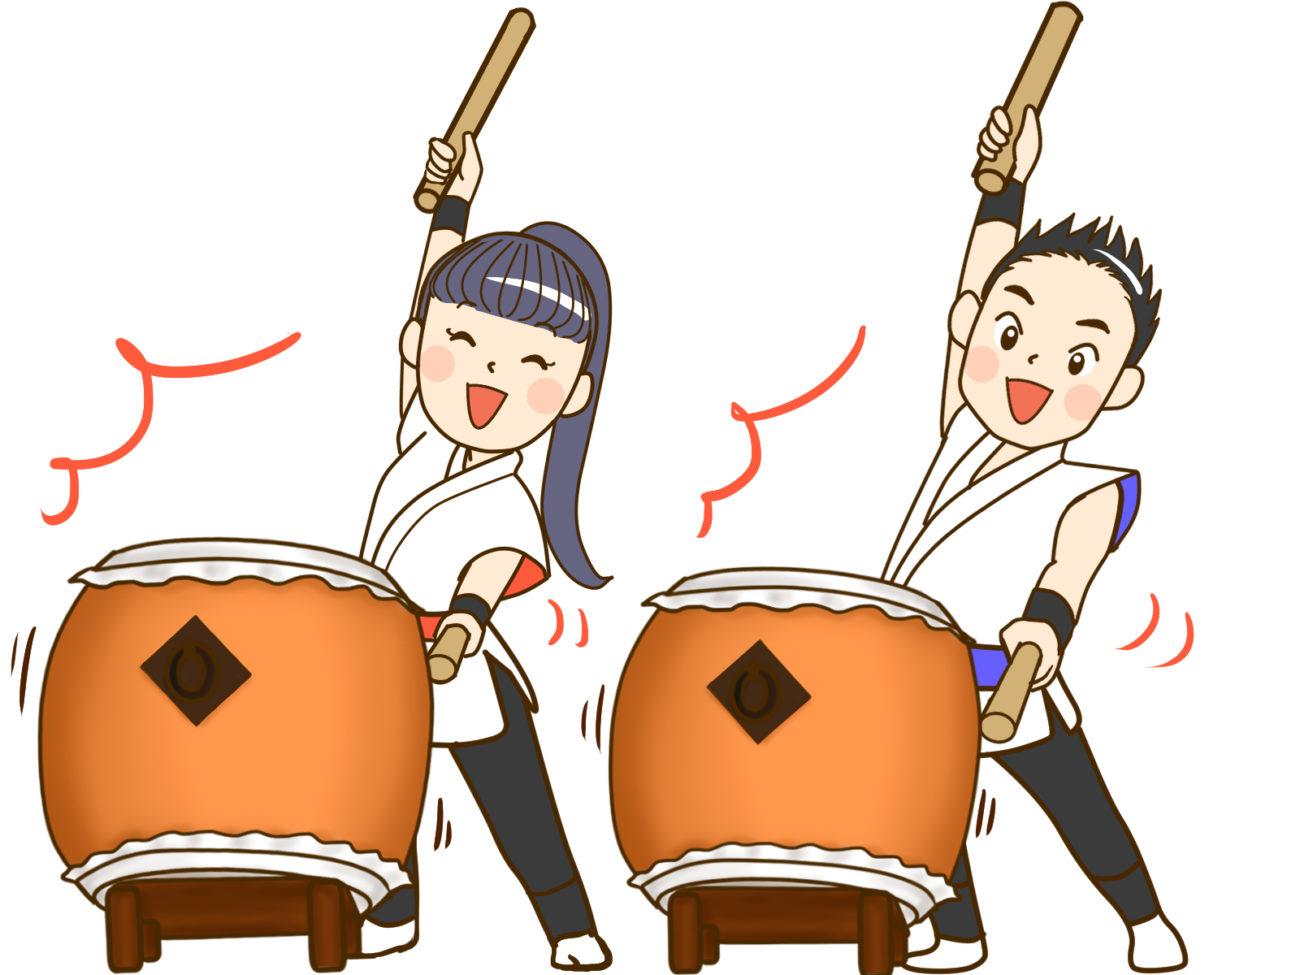 【八女 星のまつり & 九州和太鼓フェスティバル】山里の秋の味覚と勇壮な太鼓が楽しめる、星野村の秋祭り